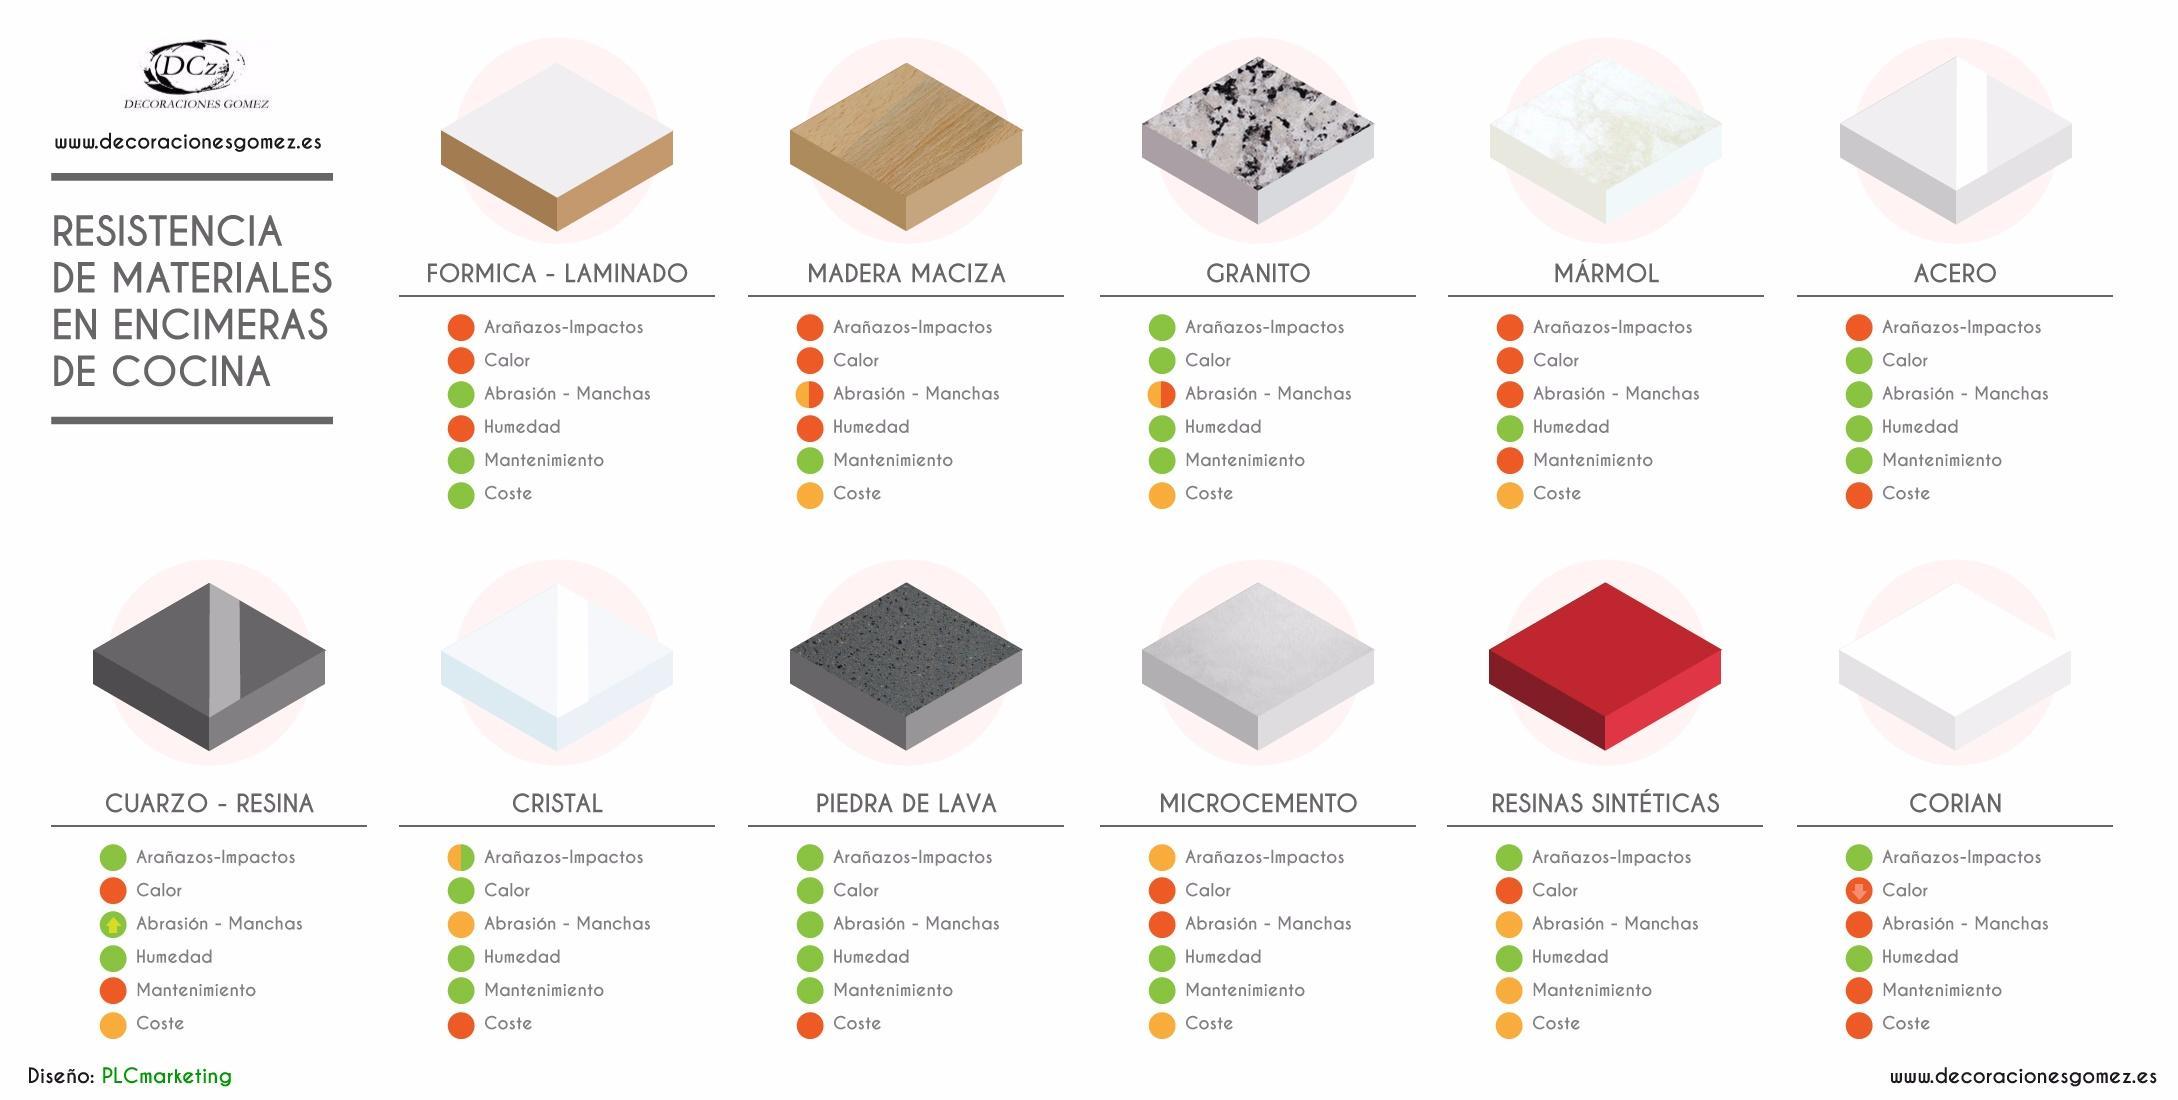 Materiales encimeras de cocina consejos y comparaci n - Encimeras de cocina materiales ...